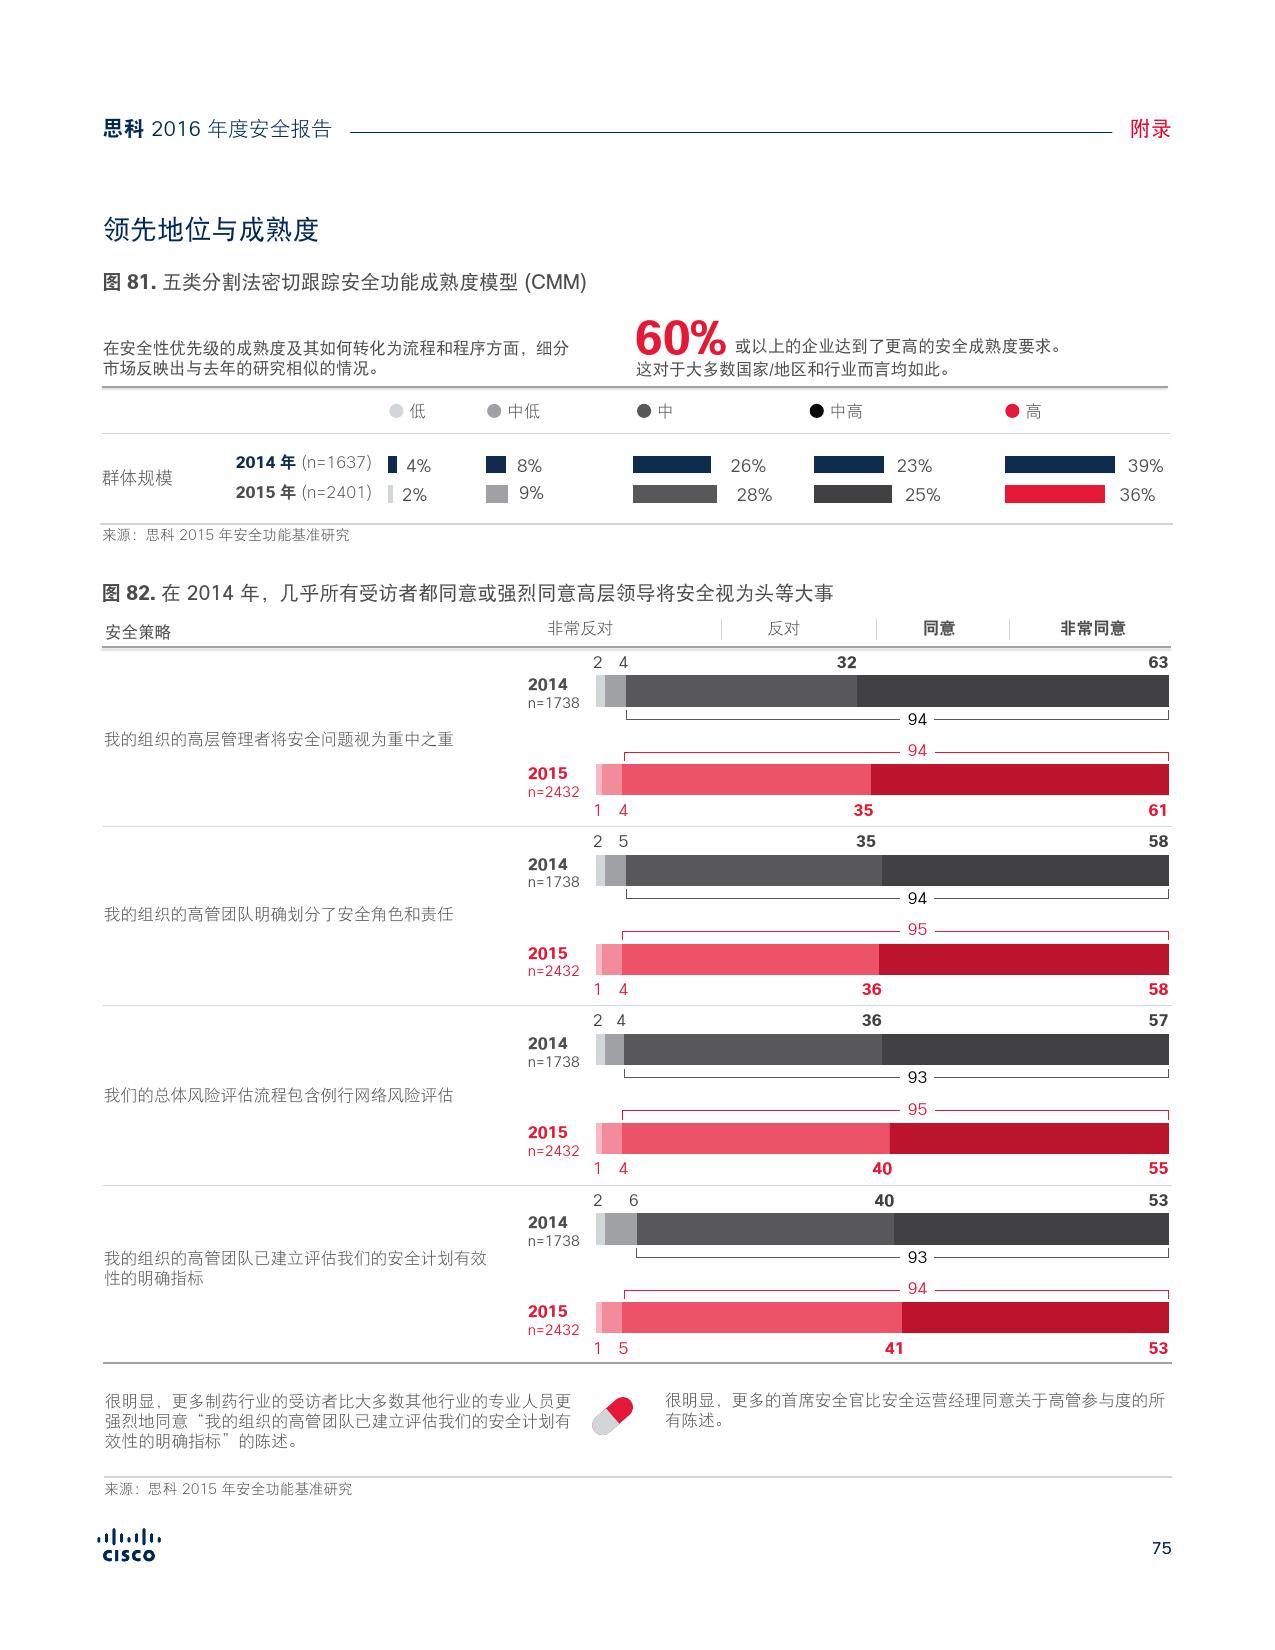 2016年中网络安全报告_000075